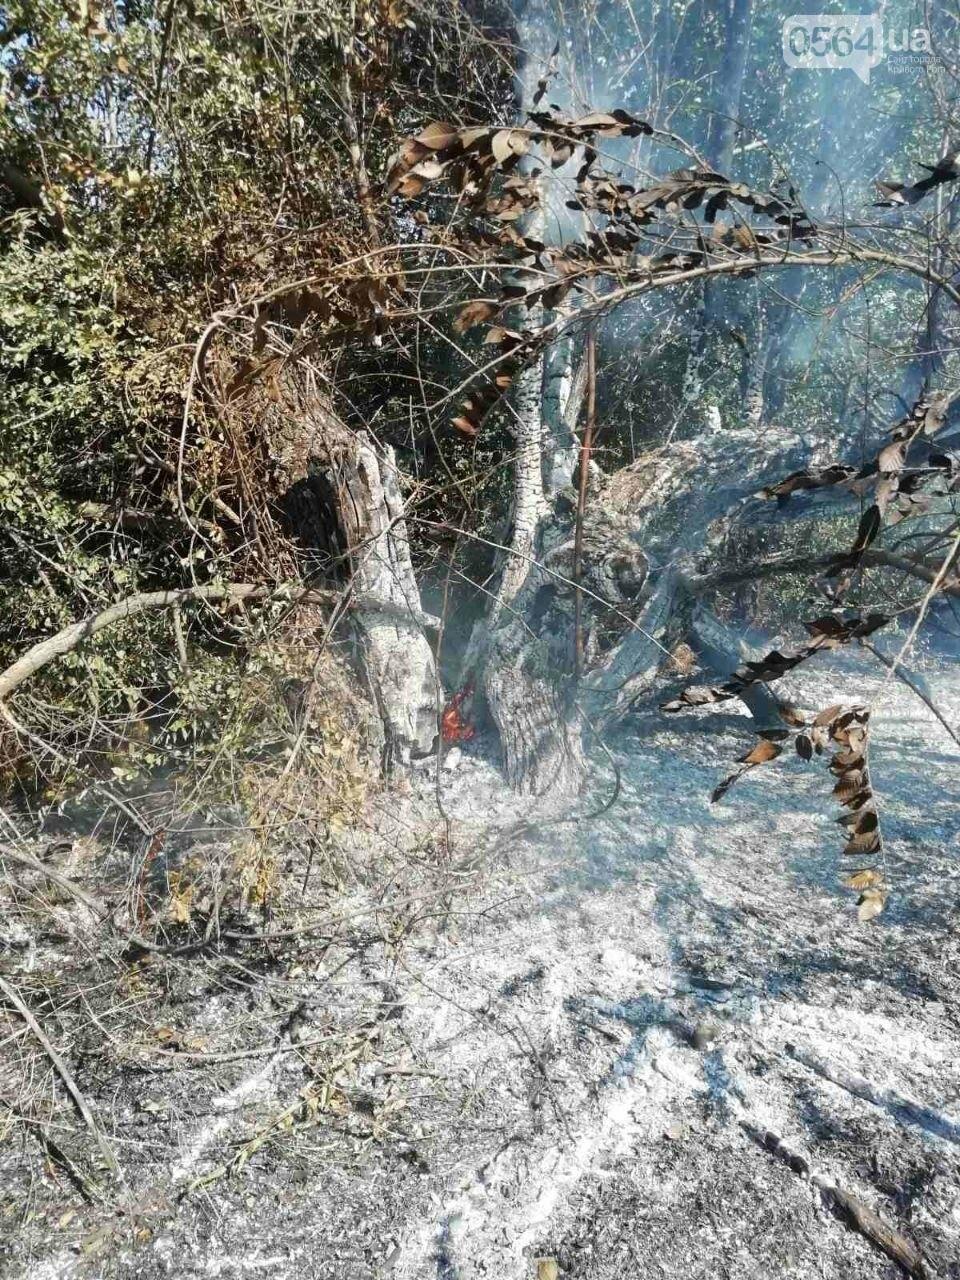 За прошедшие сутки в Кривом Роге произошло 5 пожаров в эко-системе, - ФОТО , фото-4